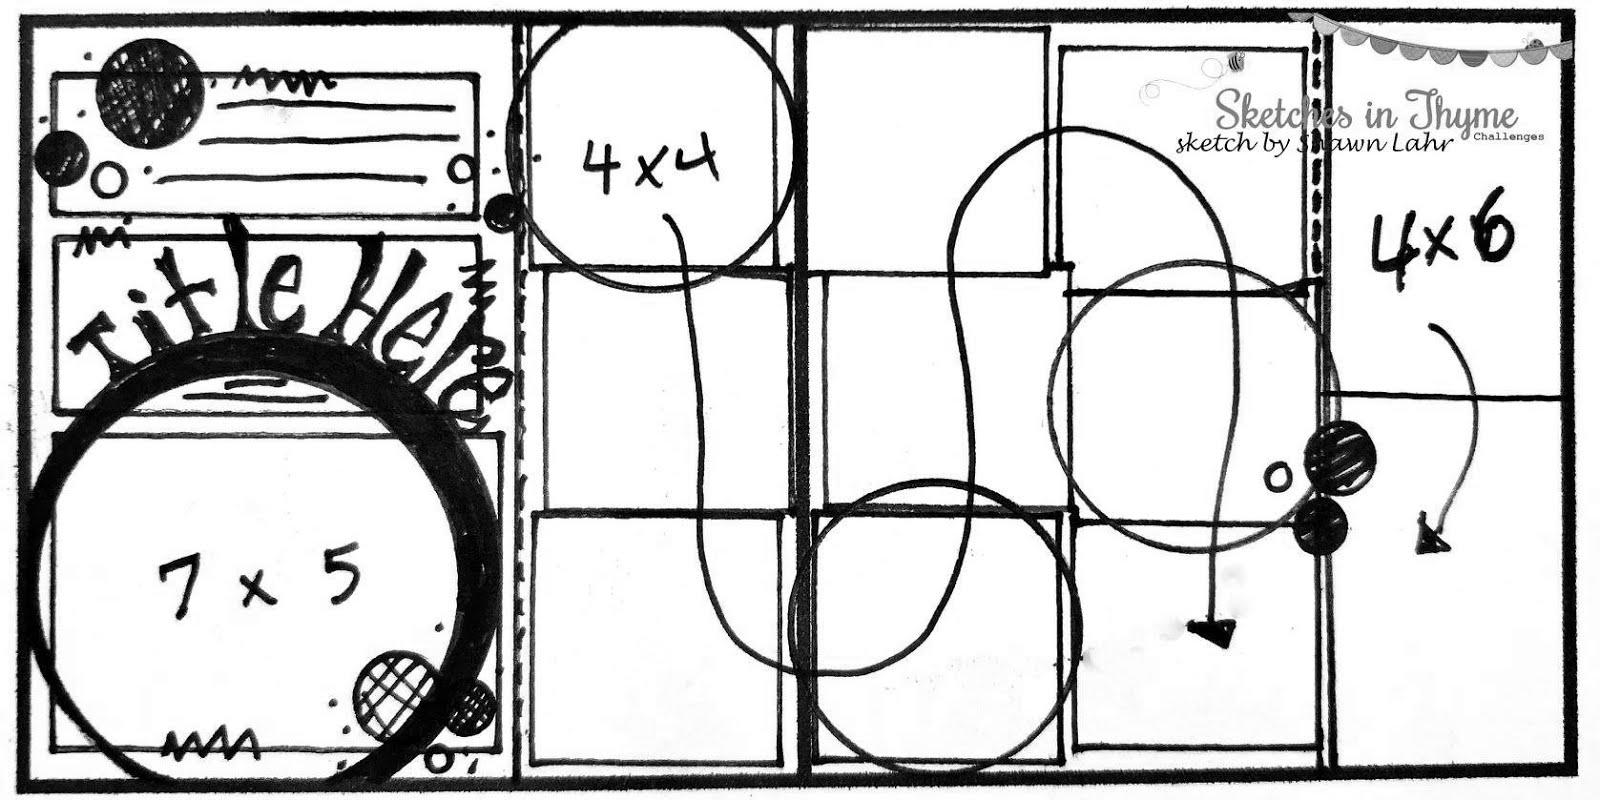 Nov 8 sketch #444